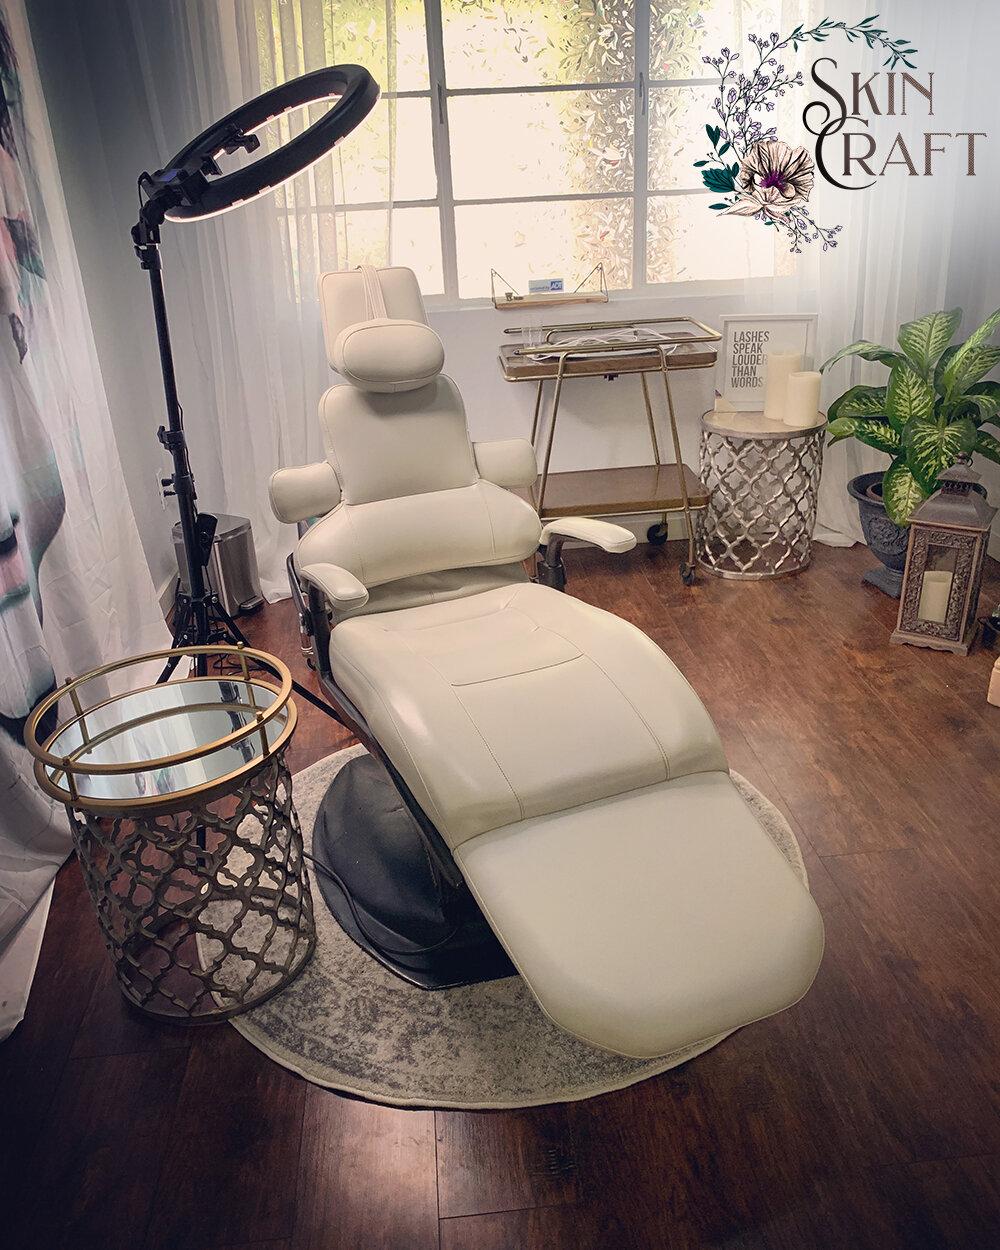 Skin Craft Beauty Lounge